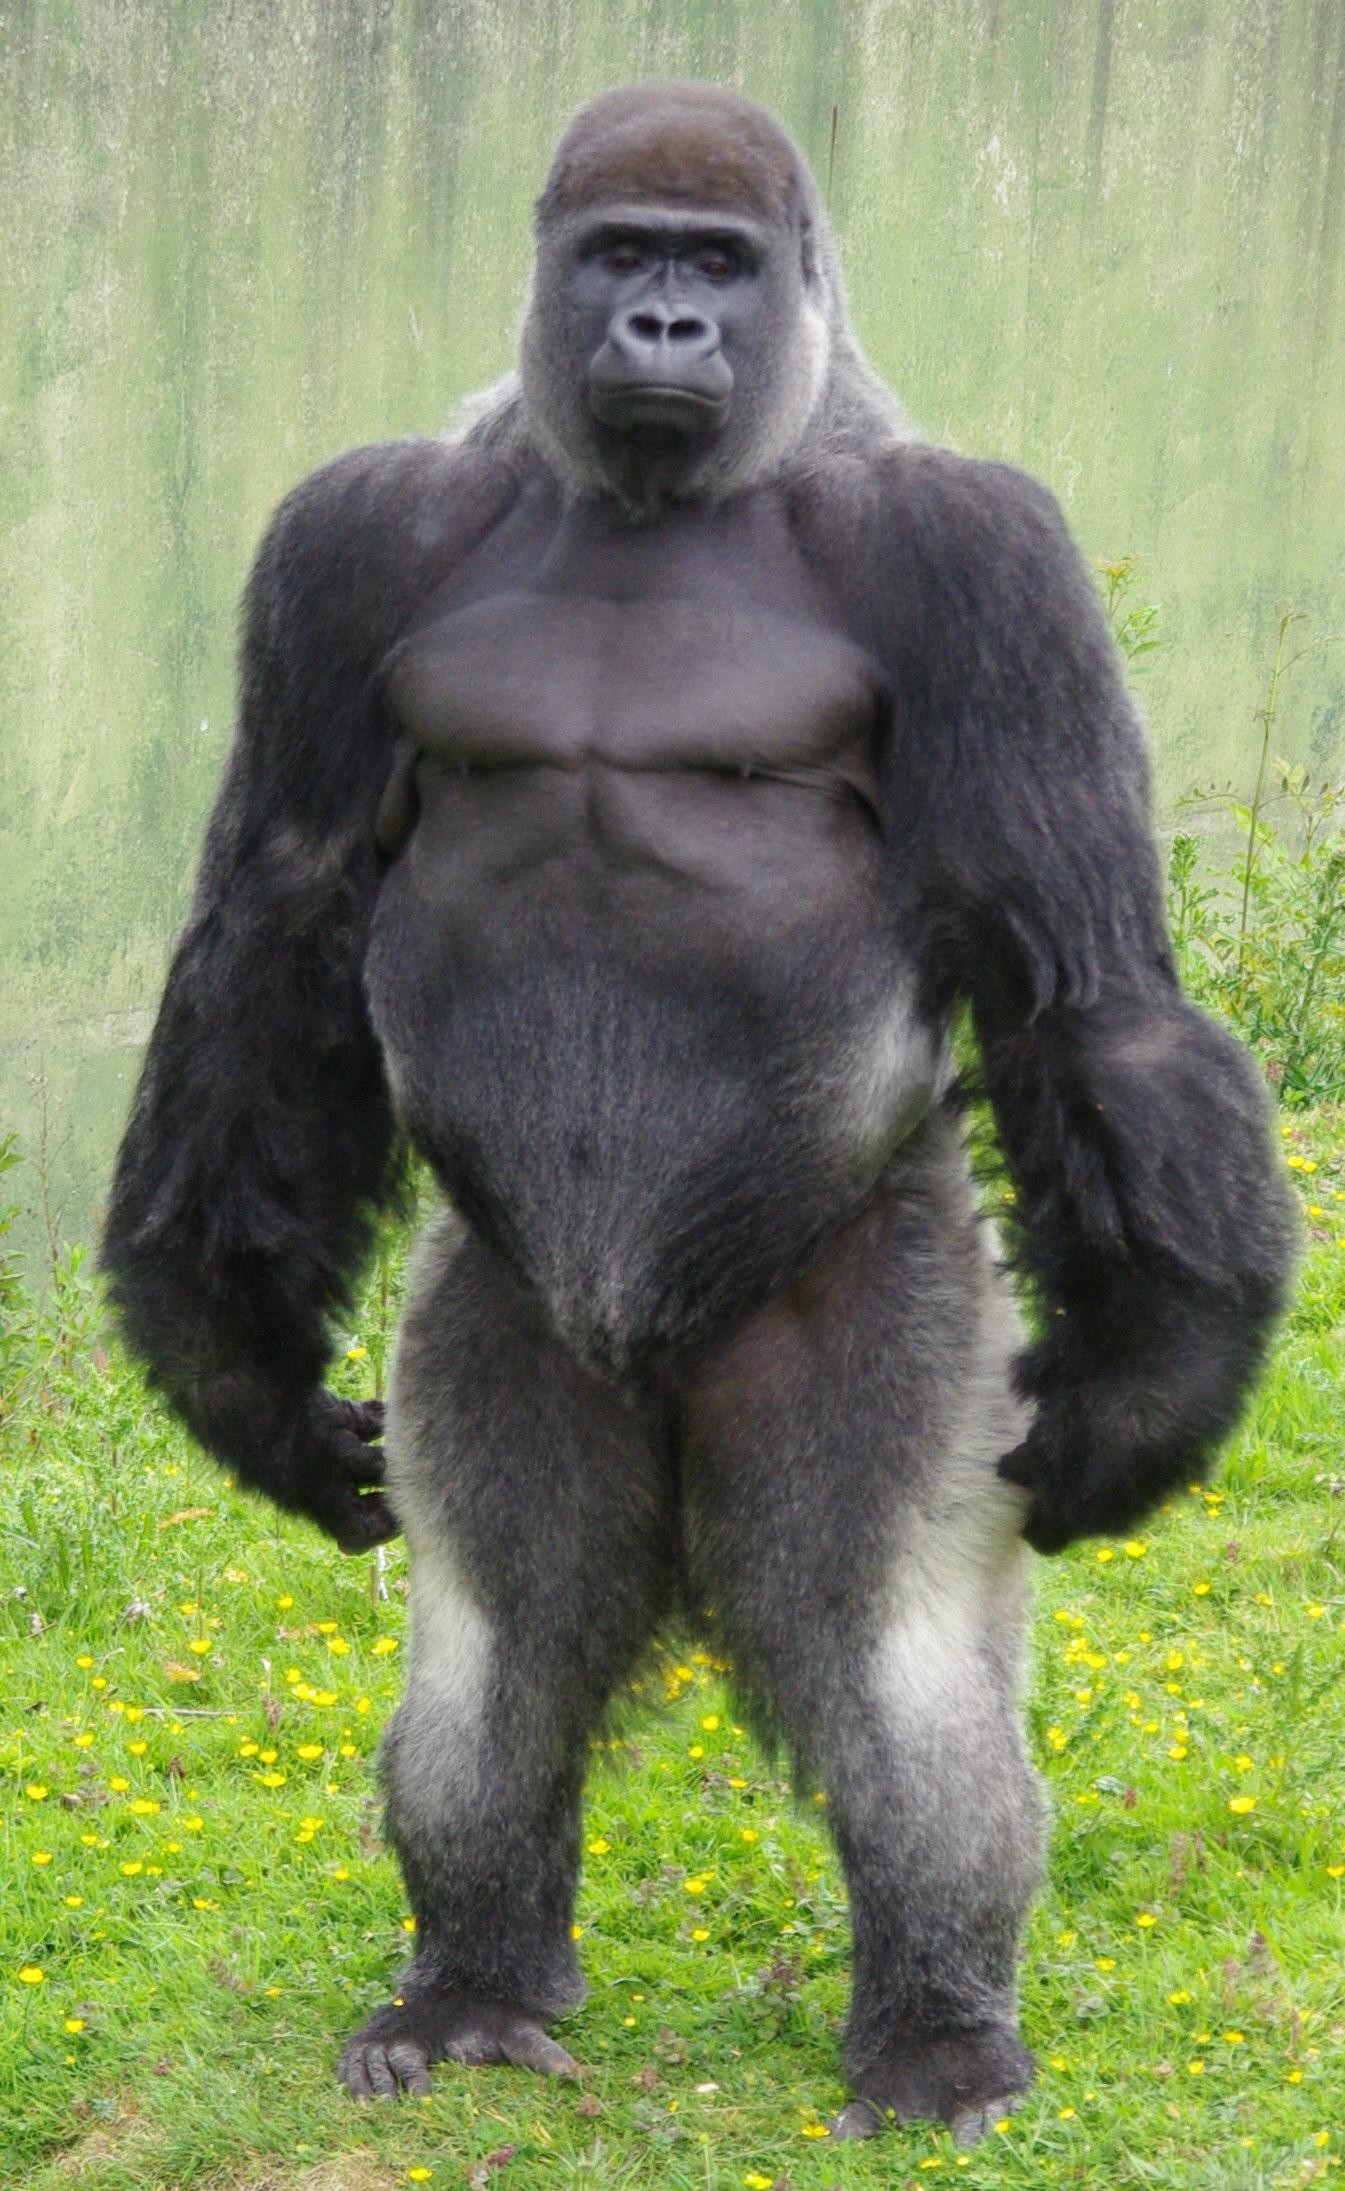 Silverback gorilla photo